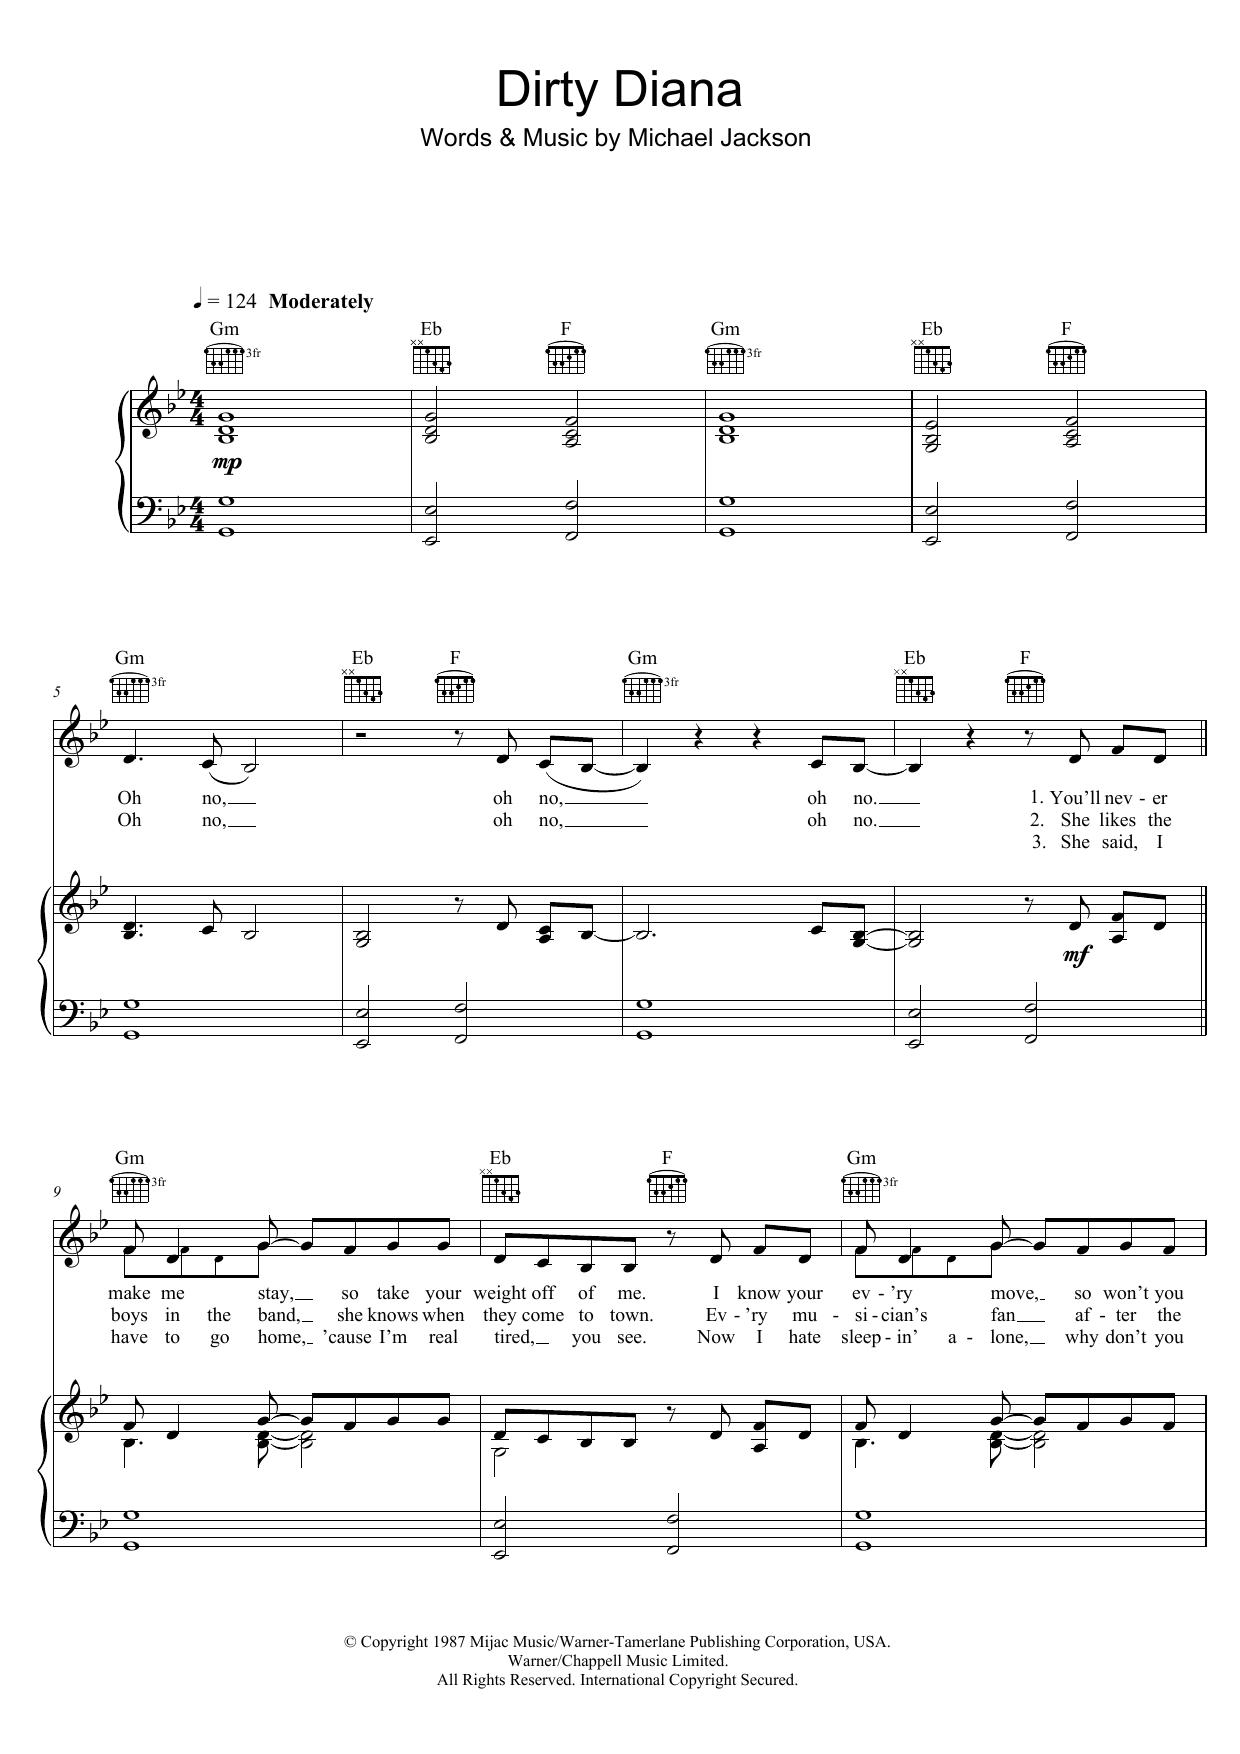 Dirty Diana Partituras | Michael Jackson | Piano, Voz y Guitarra (Melodía mano derecha)